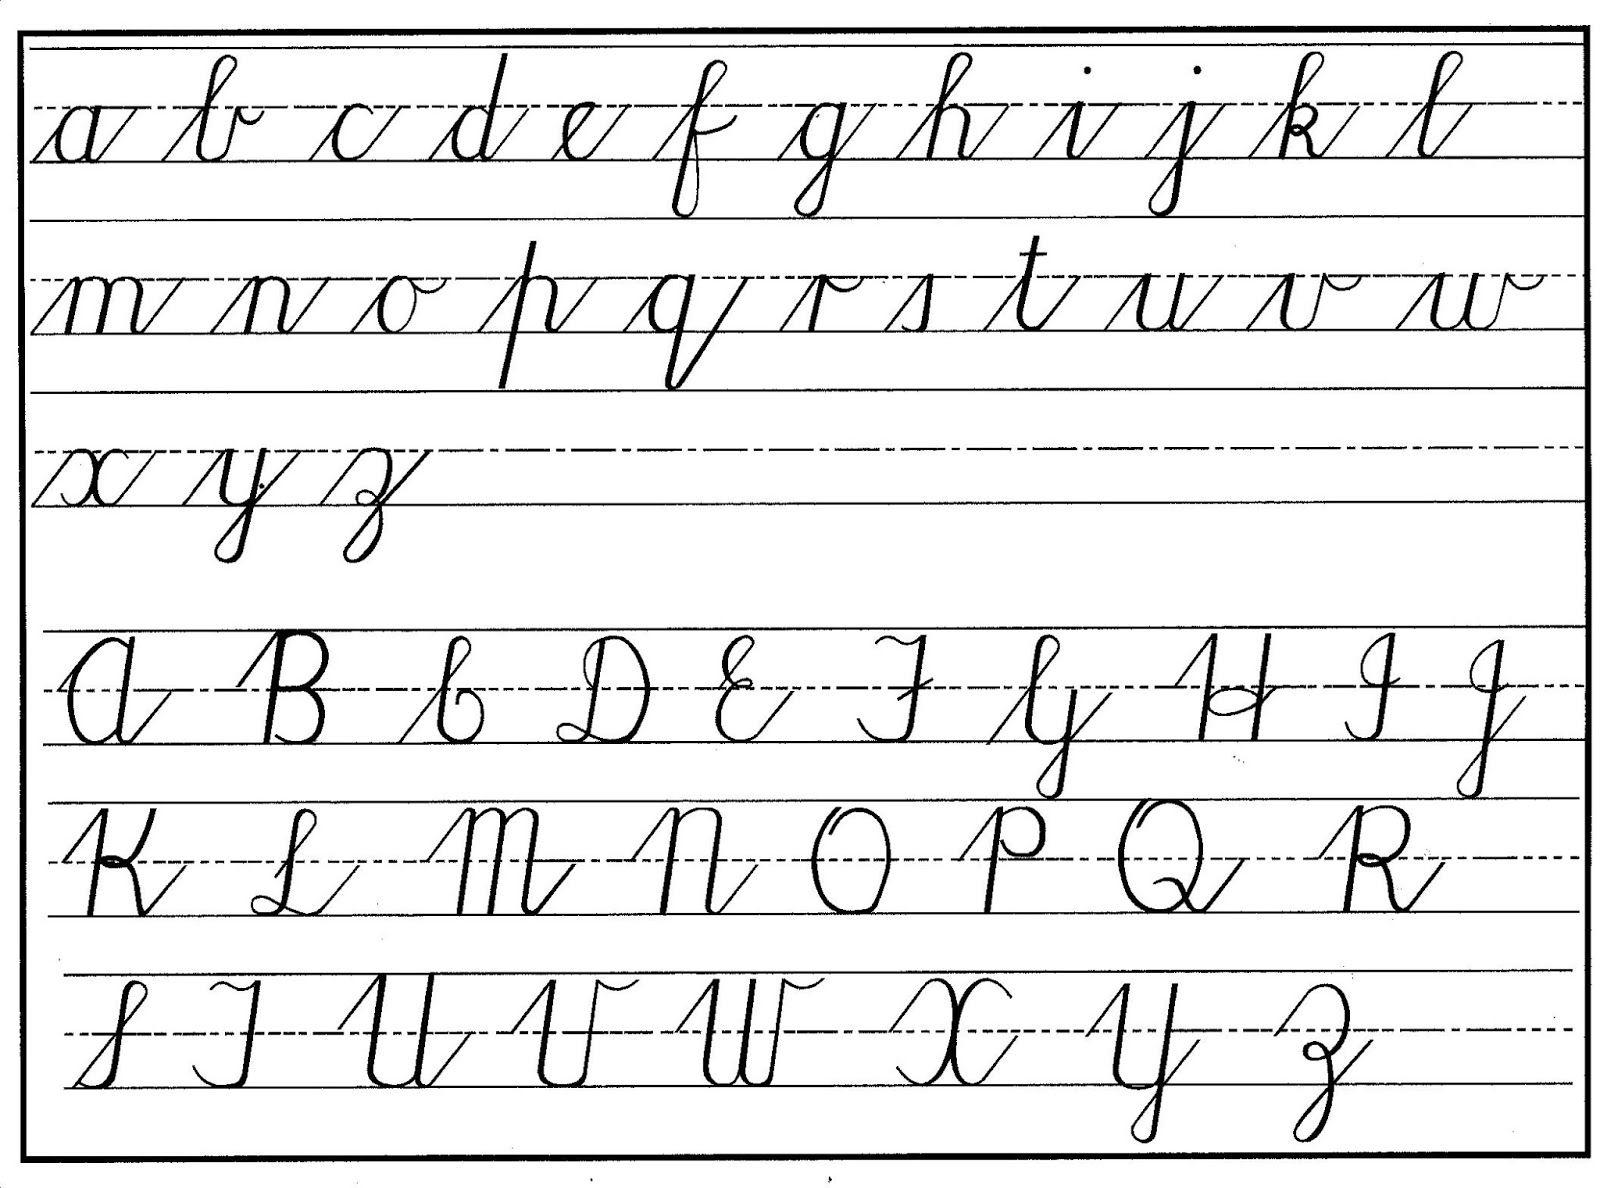 Alphabet Worksheets Free Kids Printables The Worksheets